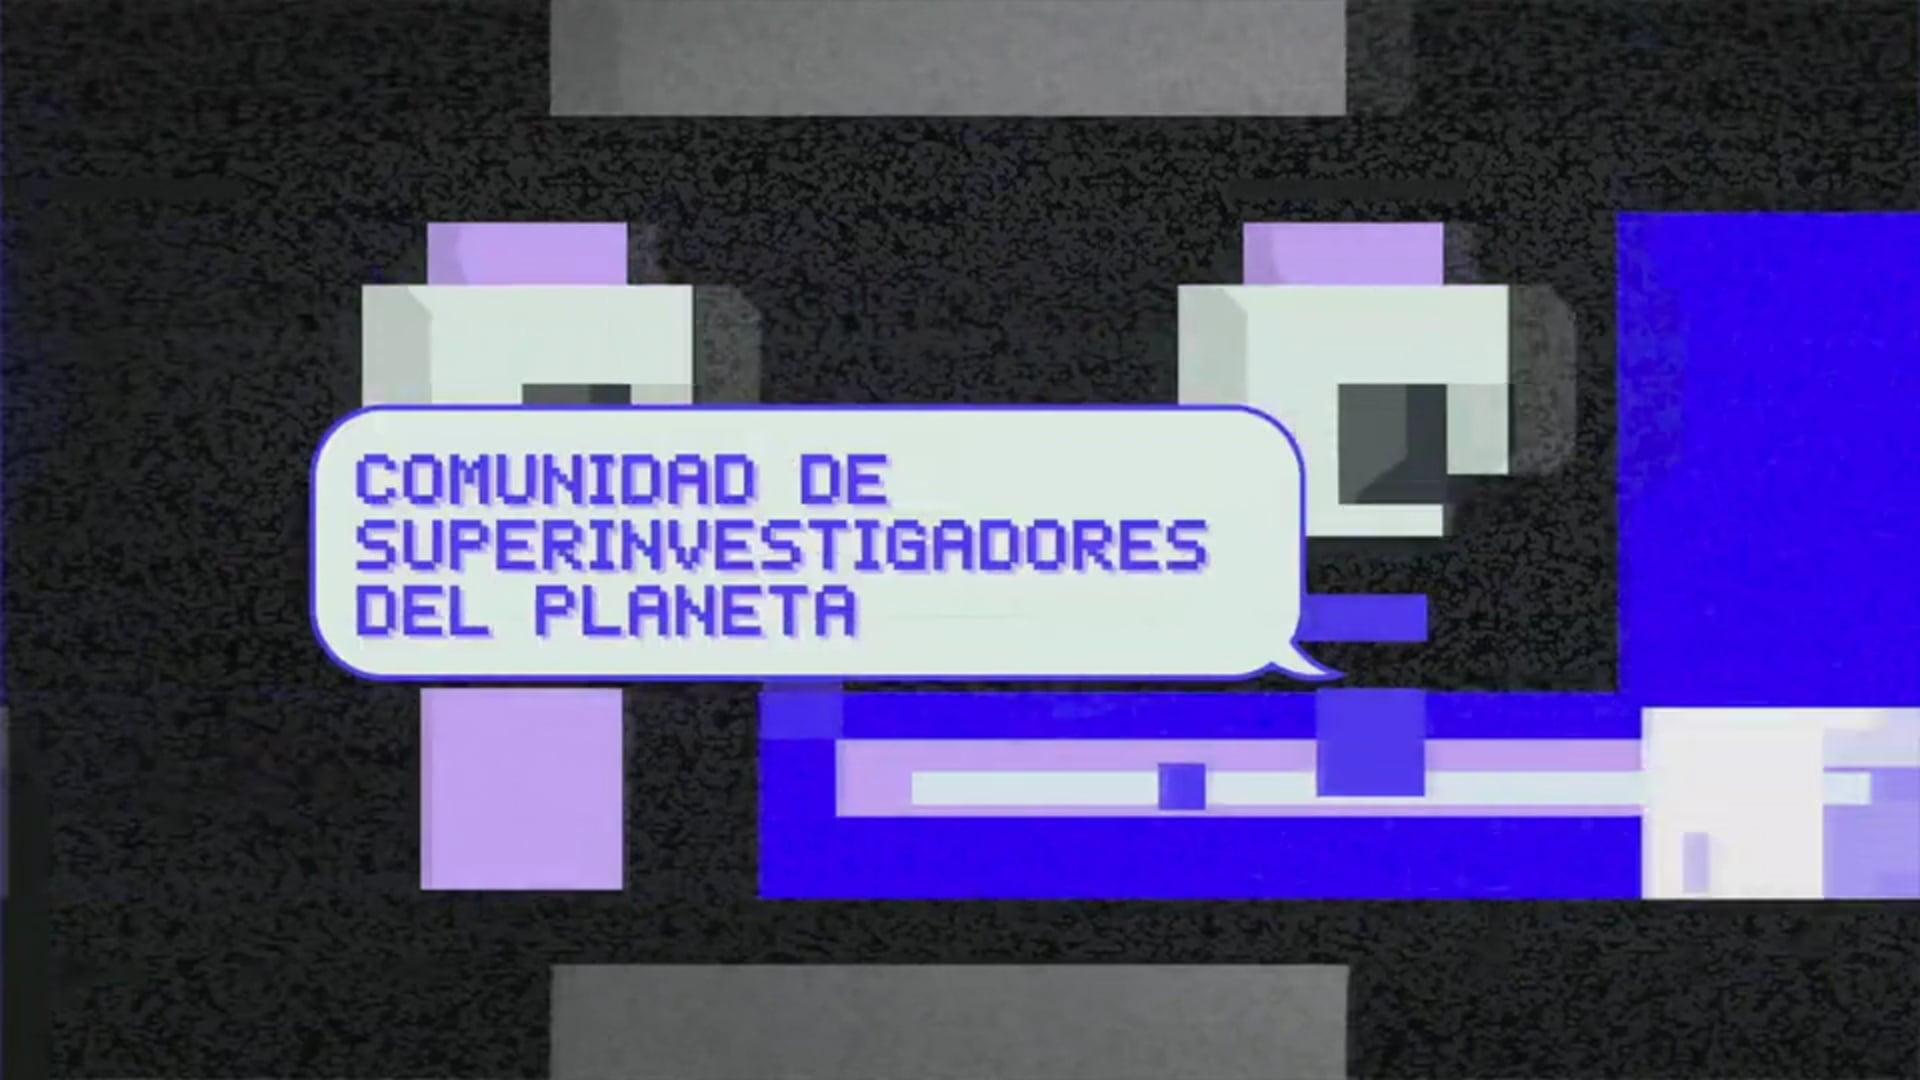 Los Superinvestigadores